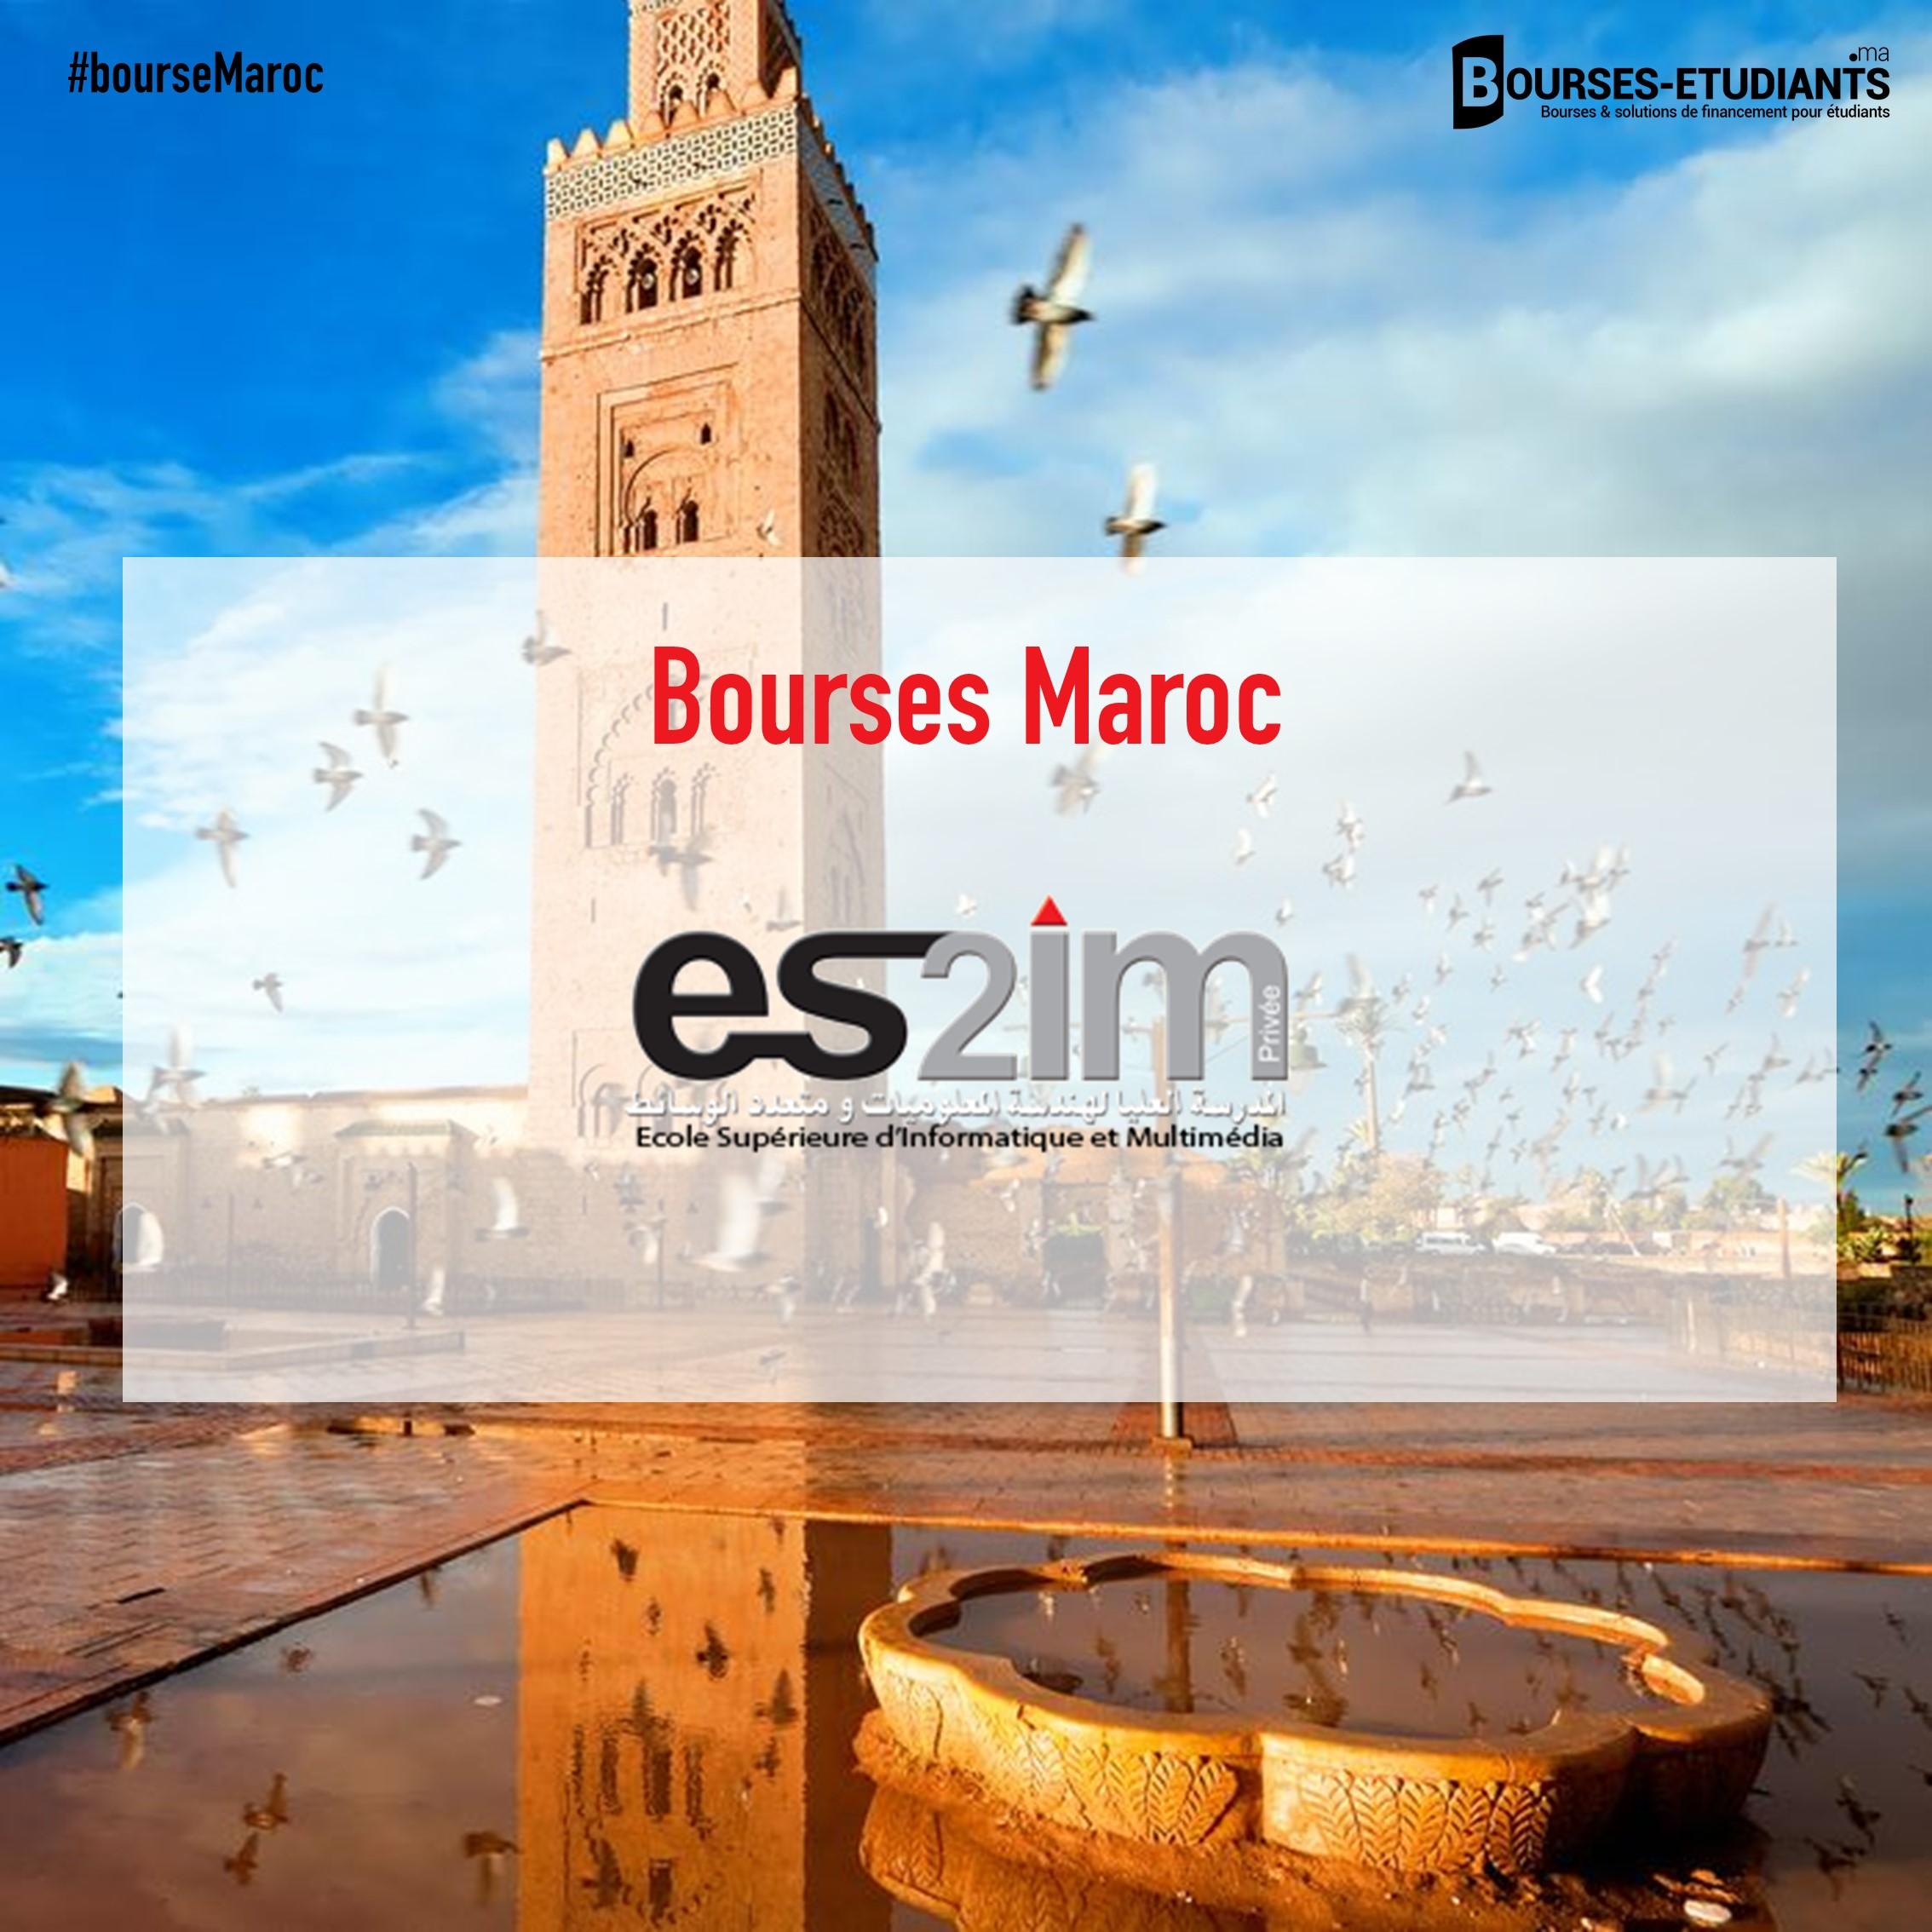 Bourses Maroc